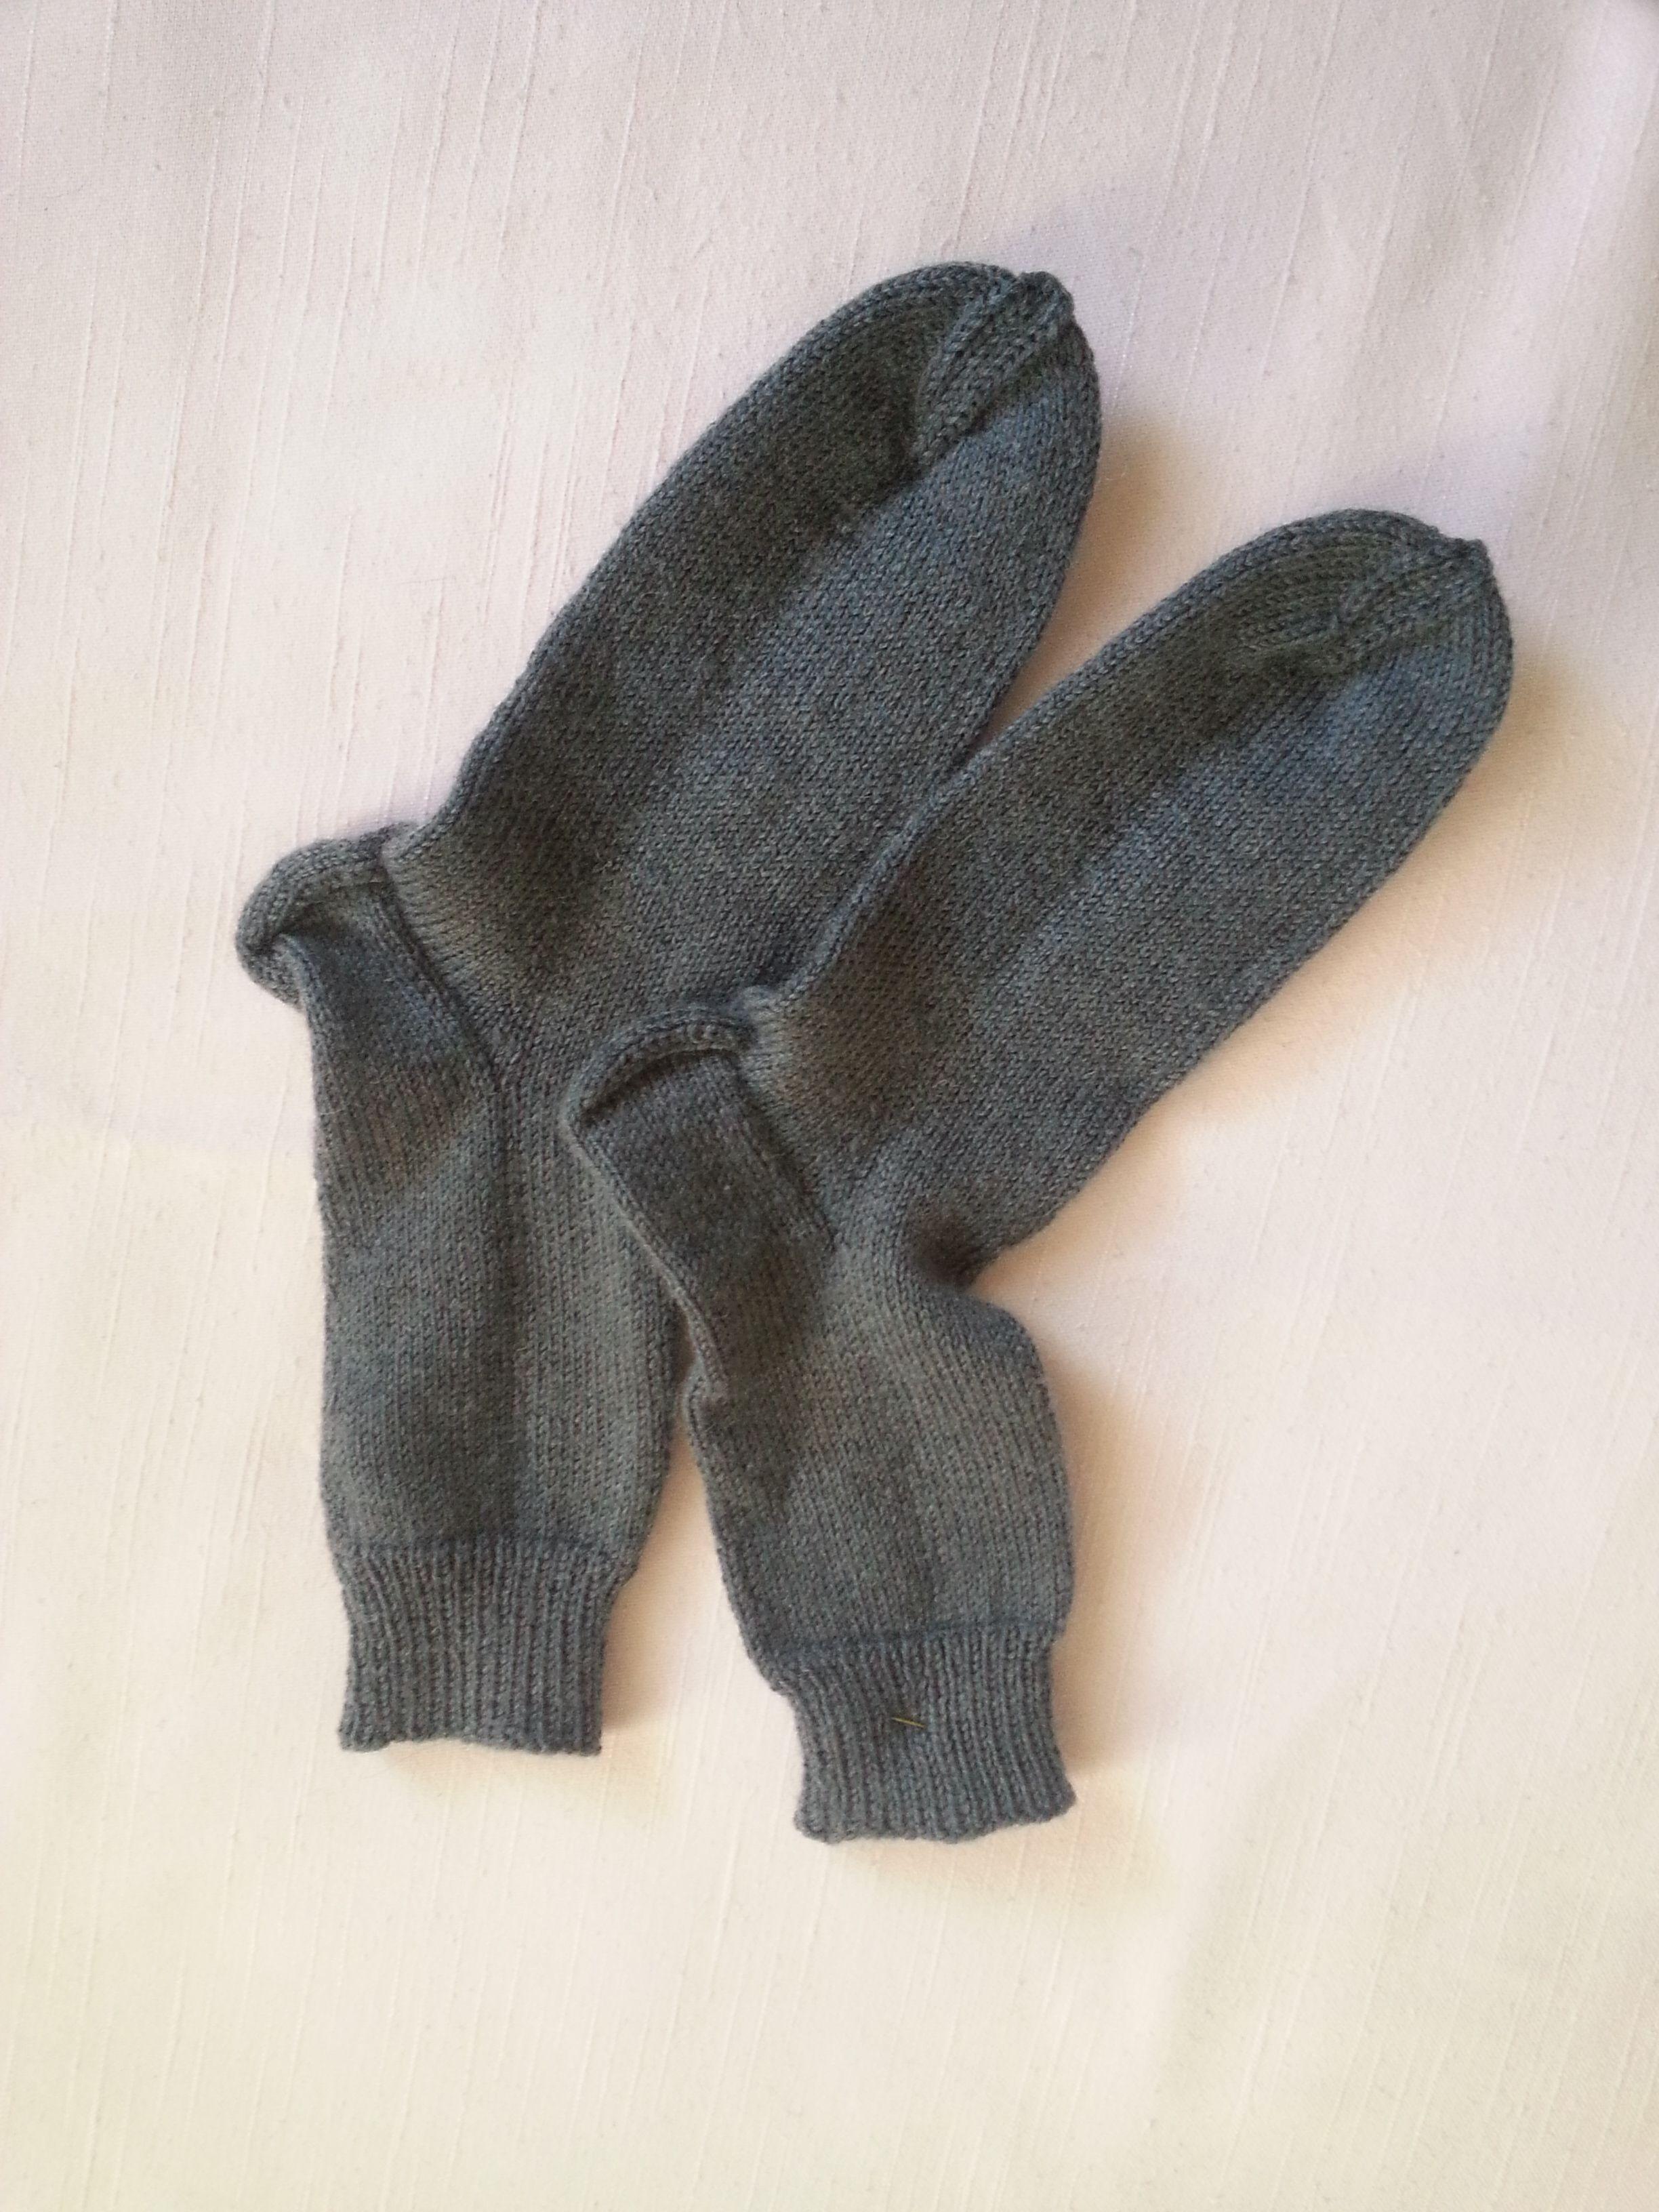 Handgestrickte Graue Wollsocken In Größe 3839 Für Frauen Und Männer